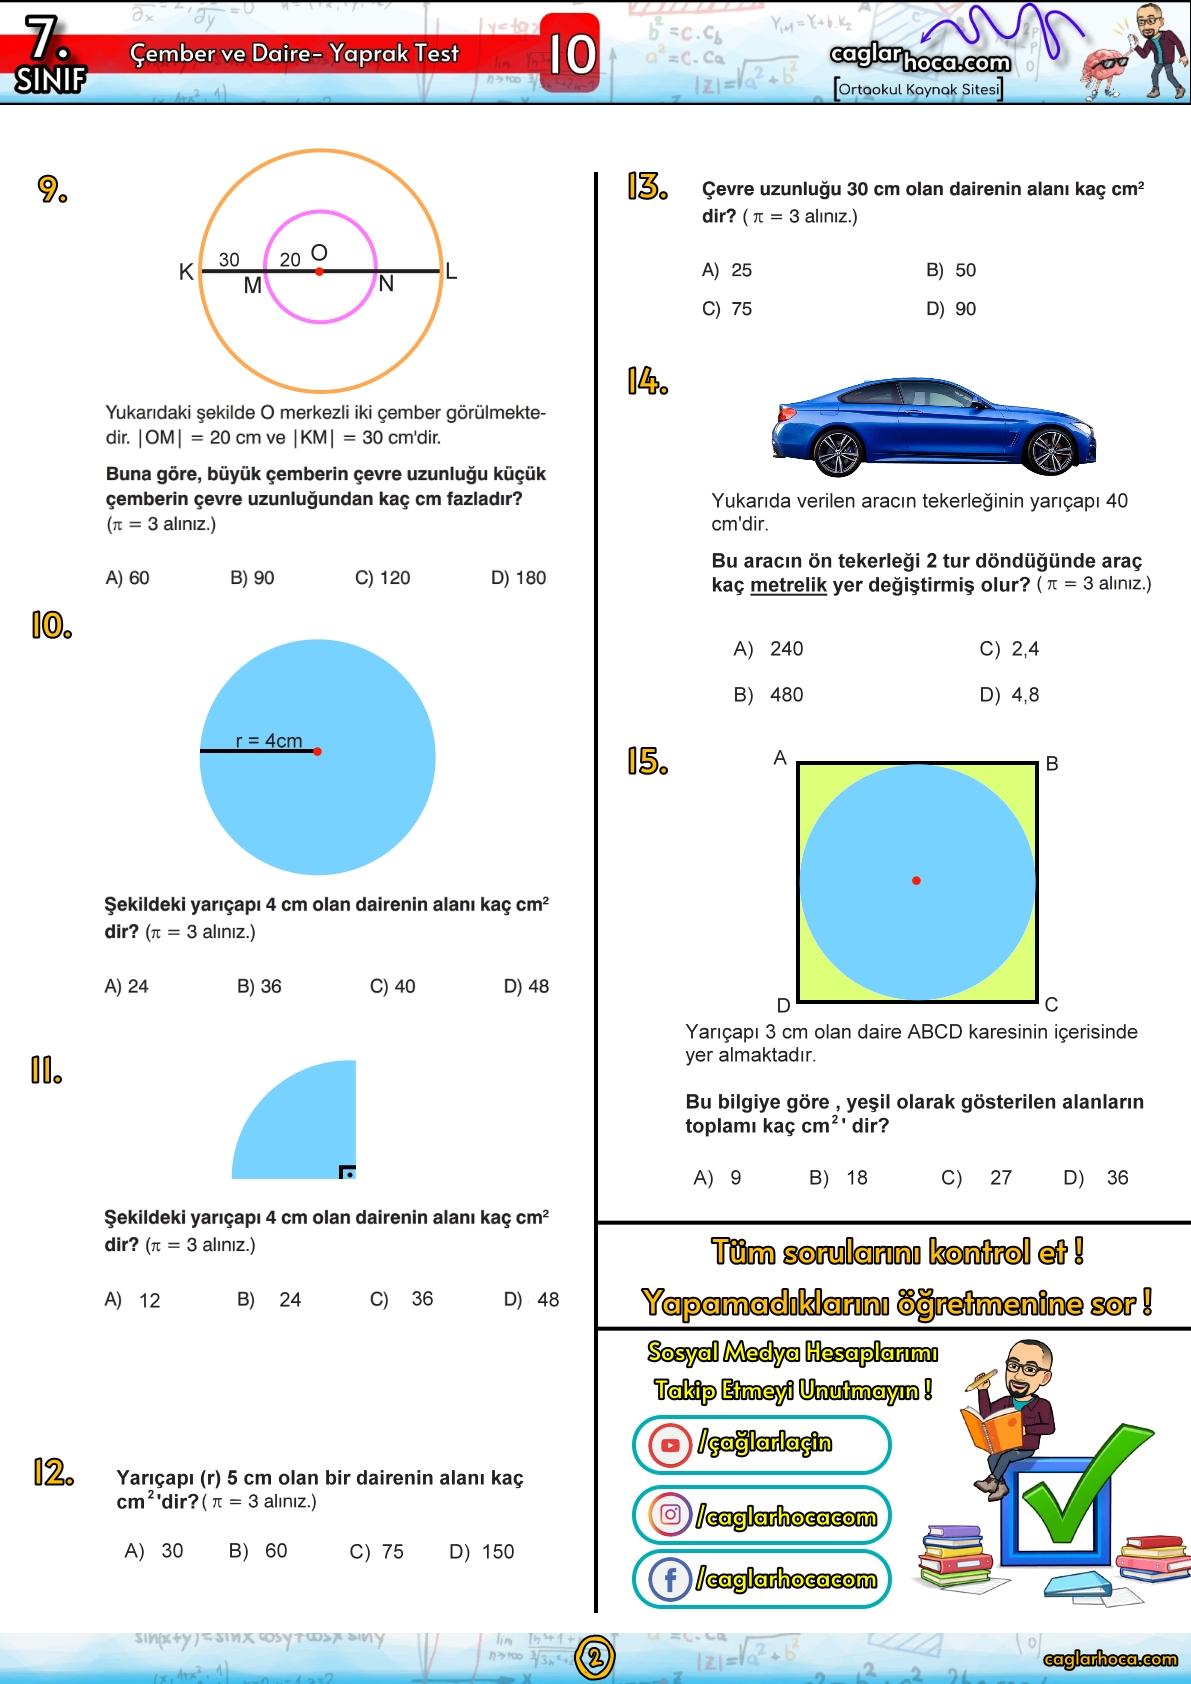 7.sınıf 10.ünite çember ve daire yaprak test